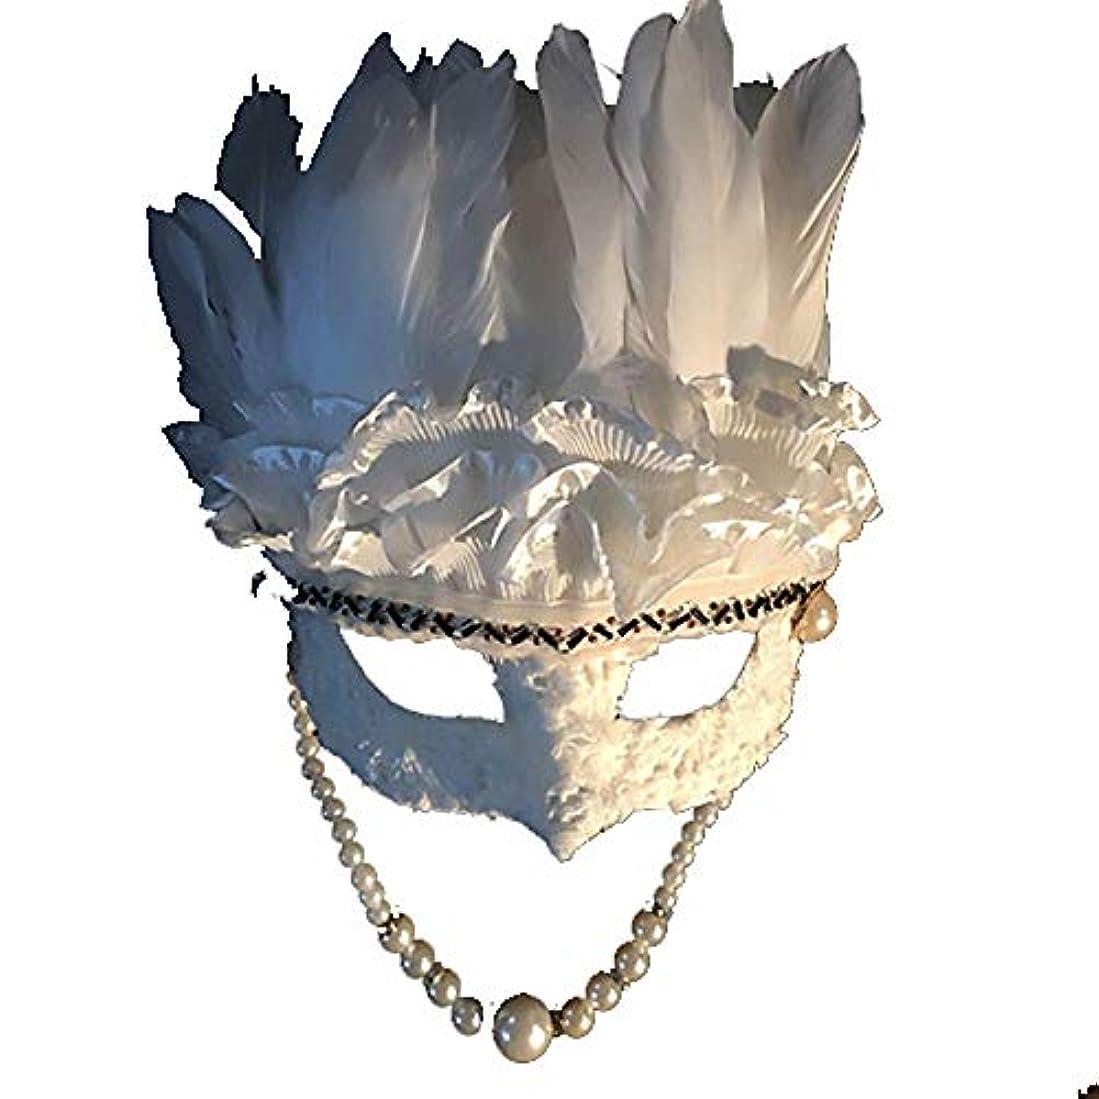 フットボール弁護異議Nanle ハロウィンクリスマスフェザースパンコール刺繍ビーズマスク仮装マスクレディミスプリンセス美容祭パーティーデコレーションマスク